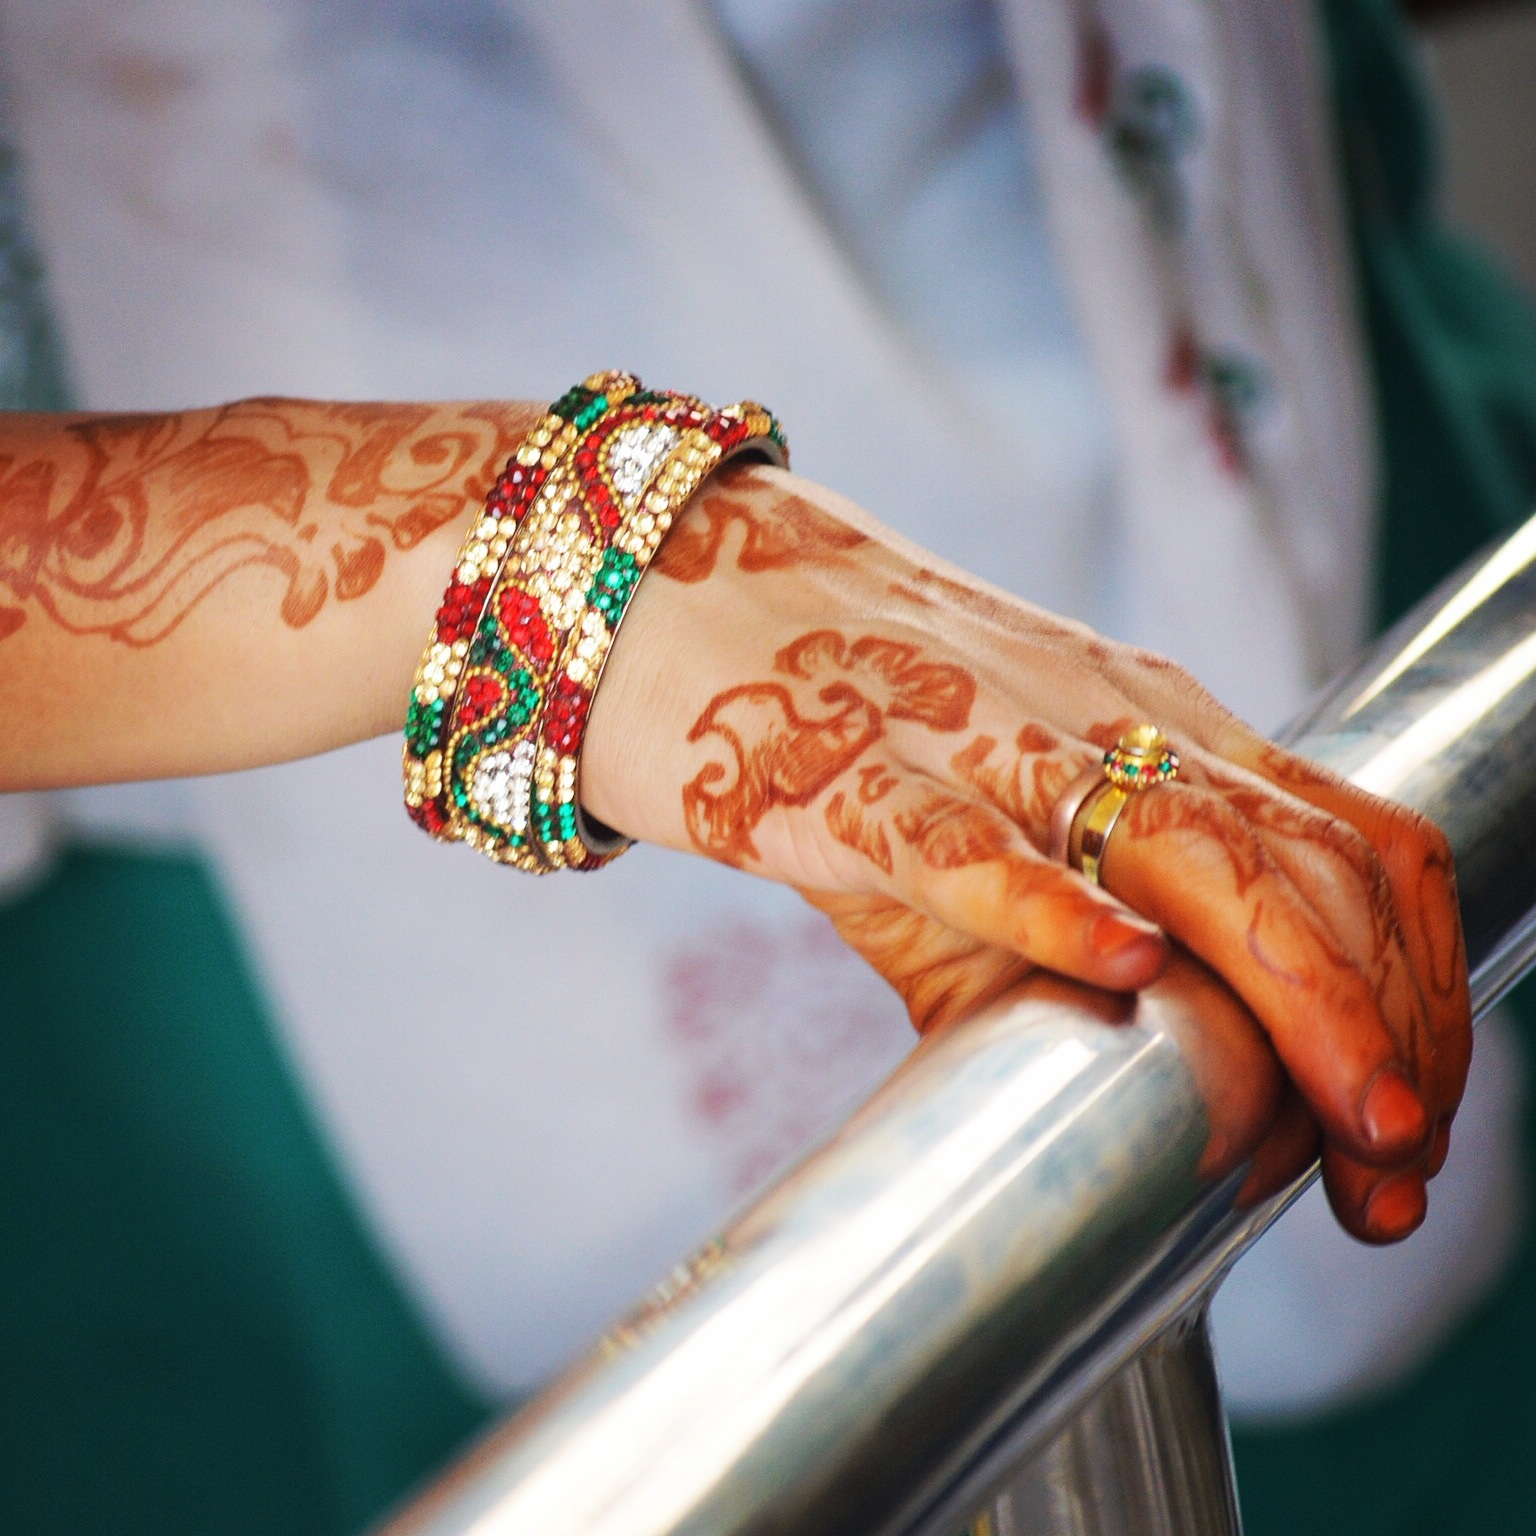 インドビザを取得したら行けるインド人女性の手